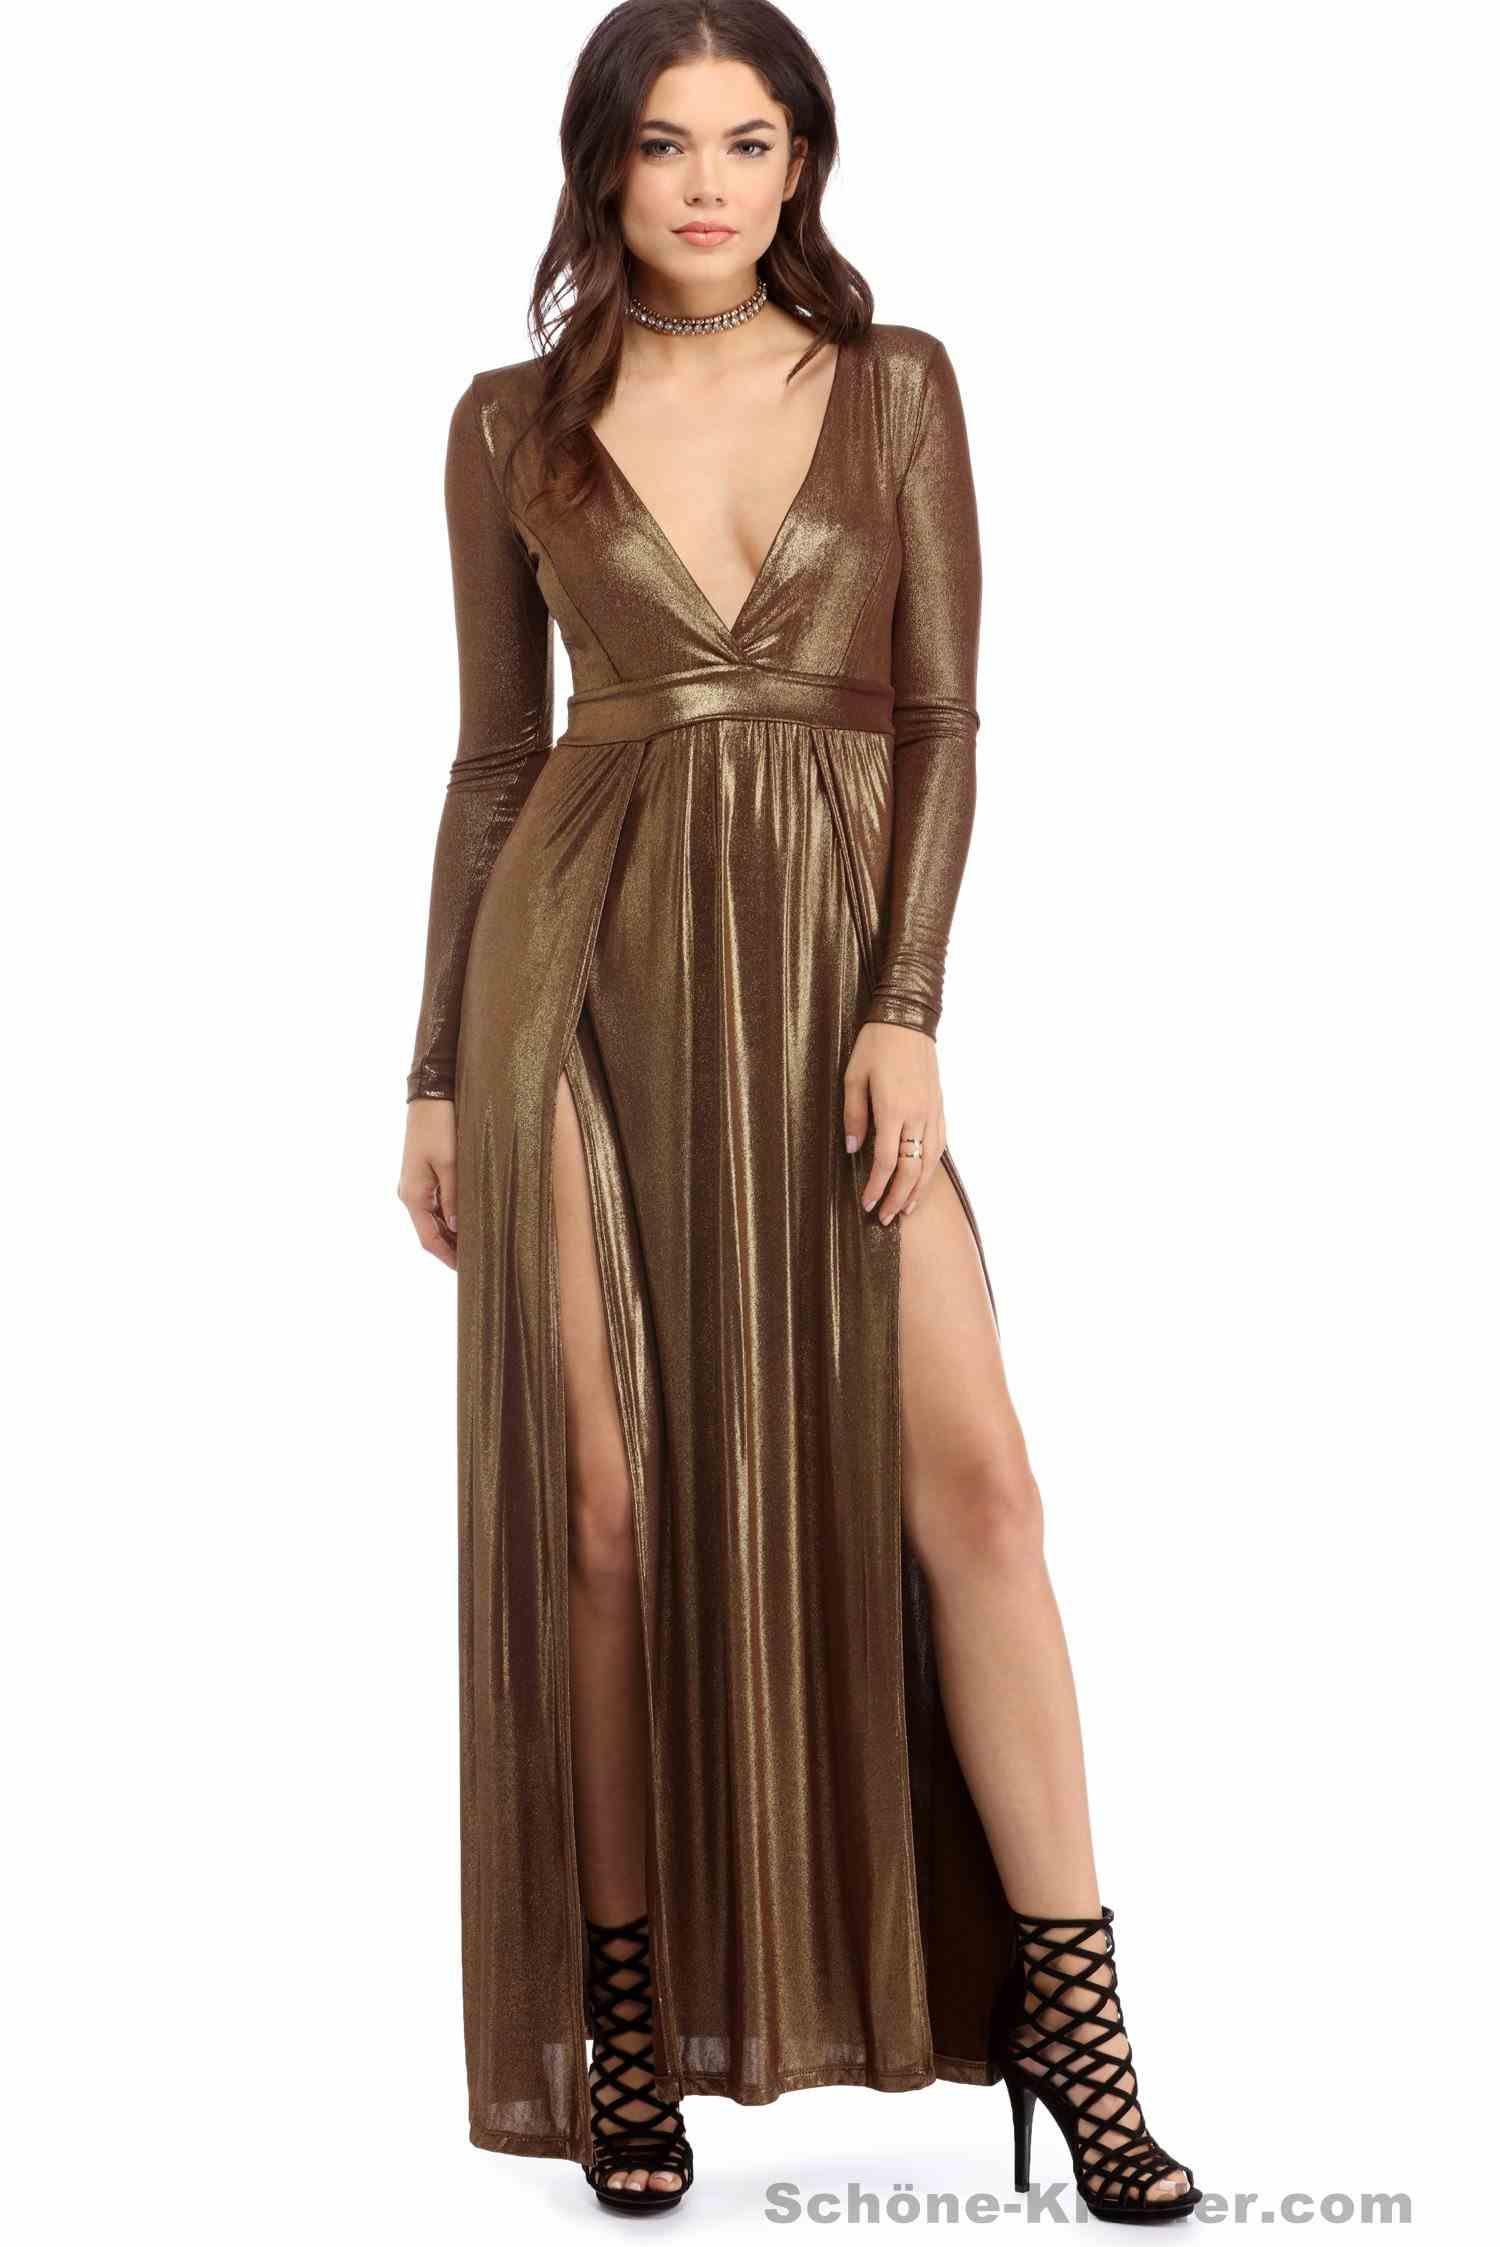 Auffällig Abendkleider und Genial Cocktailkleider | Sexy und Schöne ...